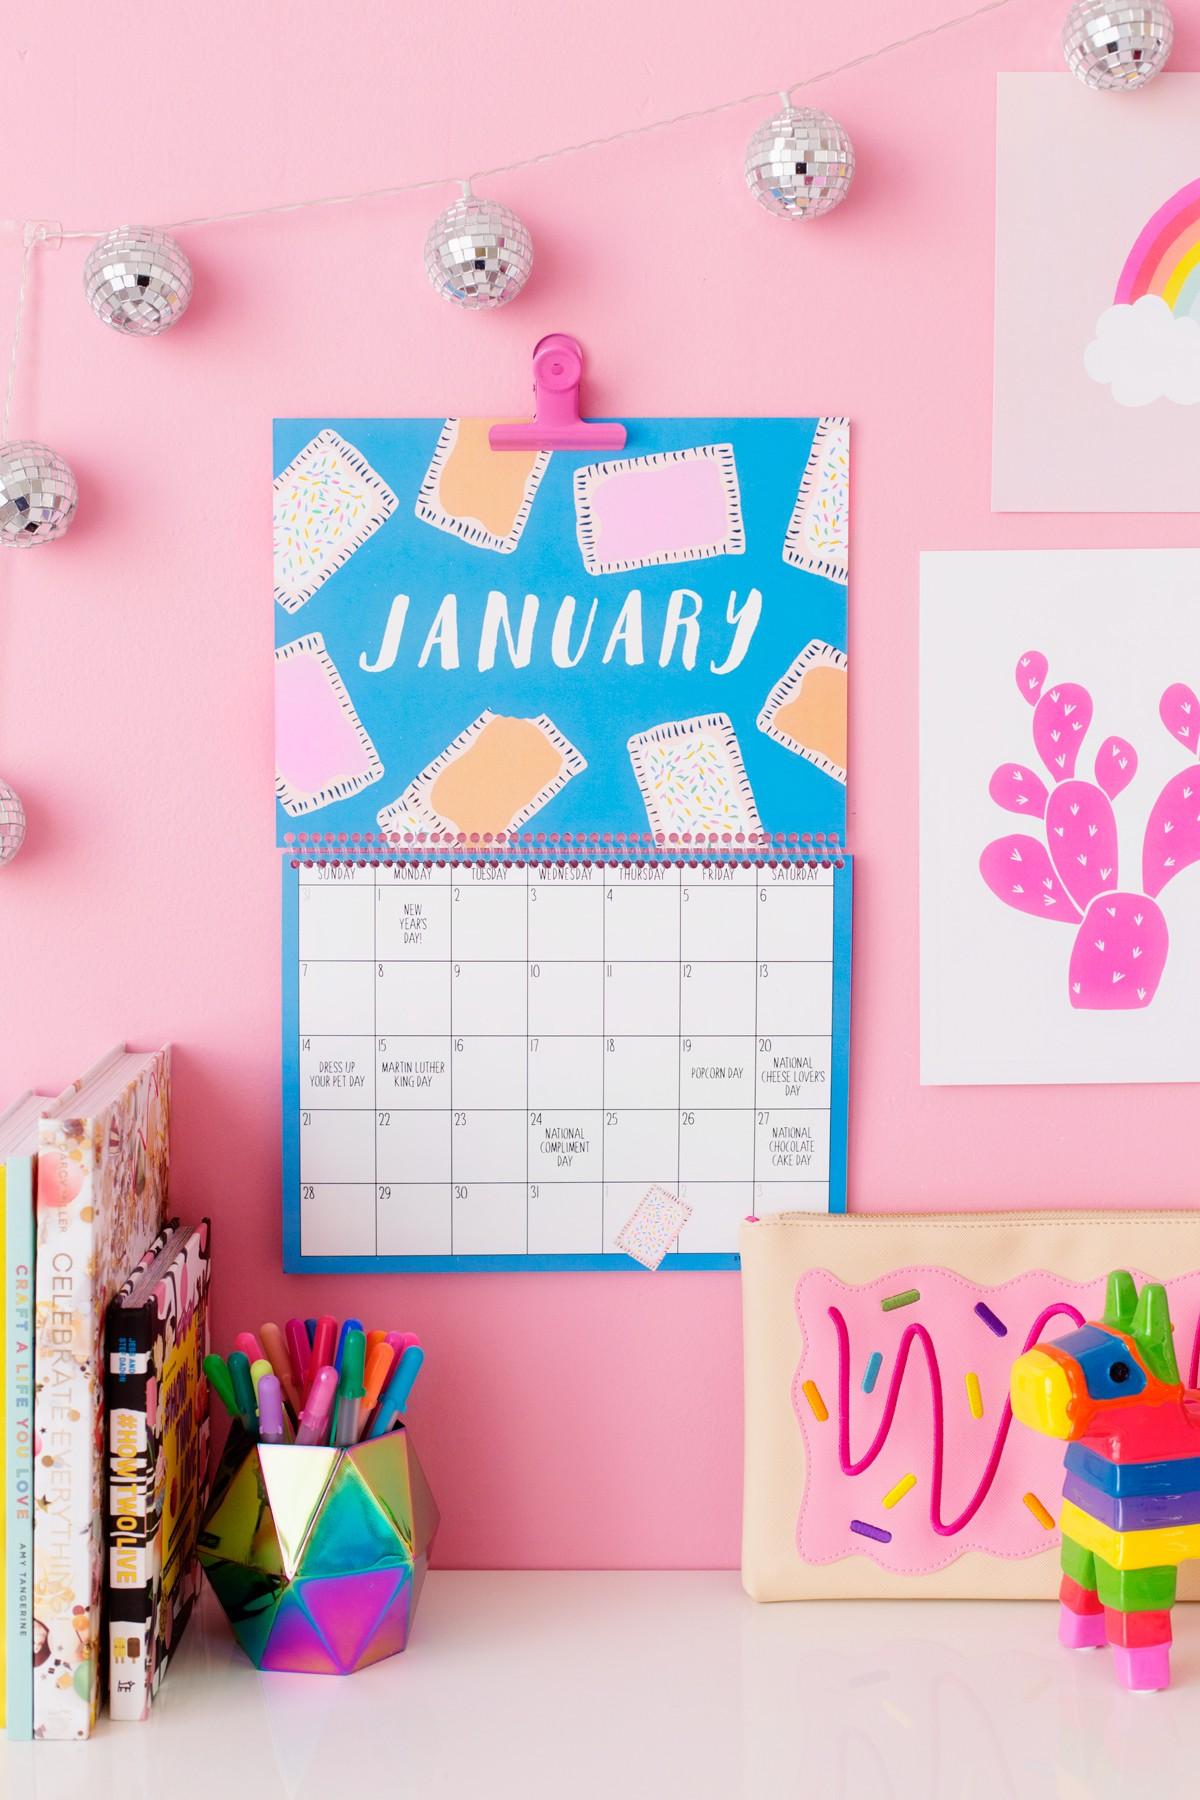 Printable Wall Calendars 2018 Free Printable Wall Calendar Studio Diy